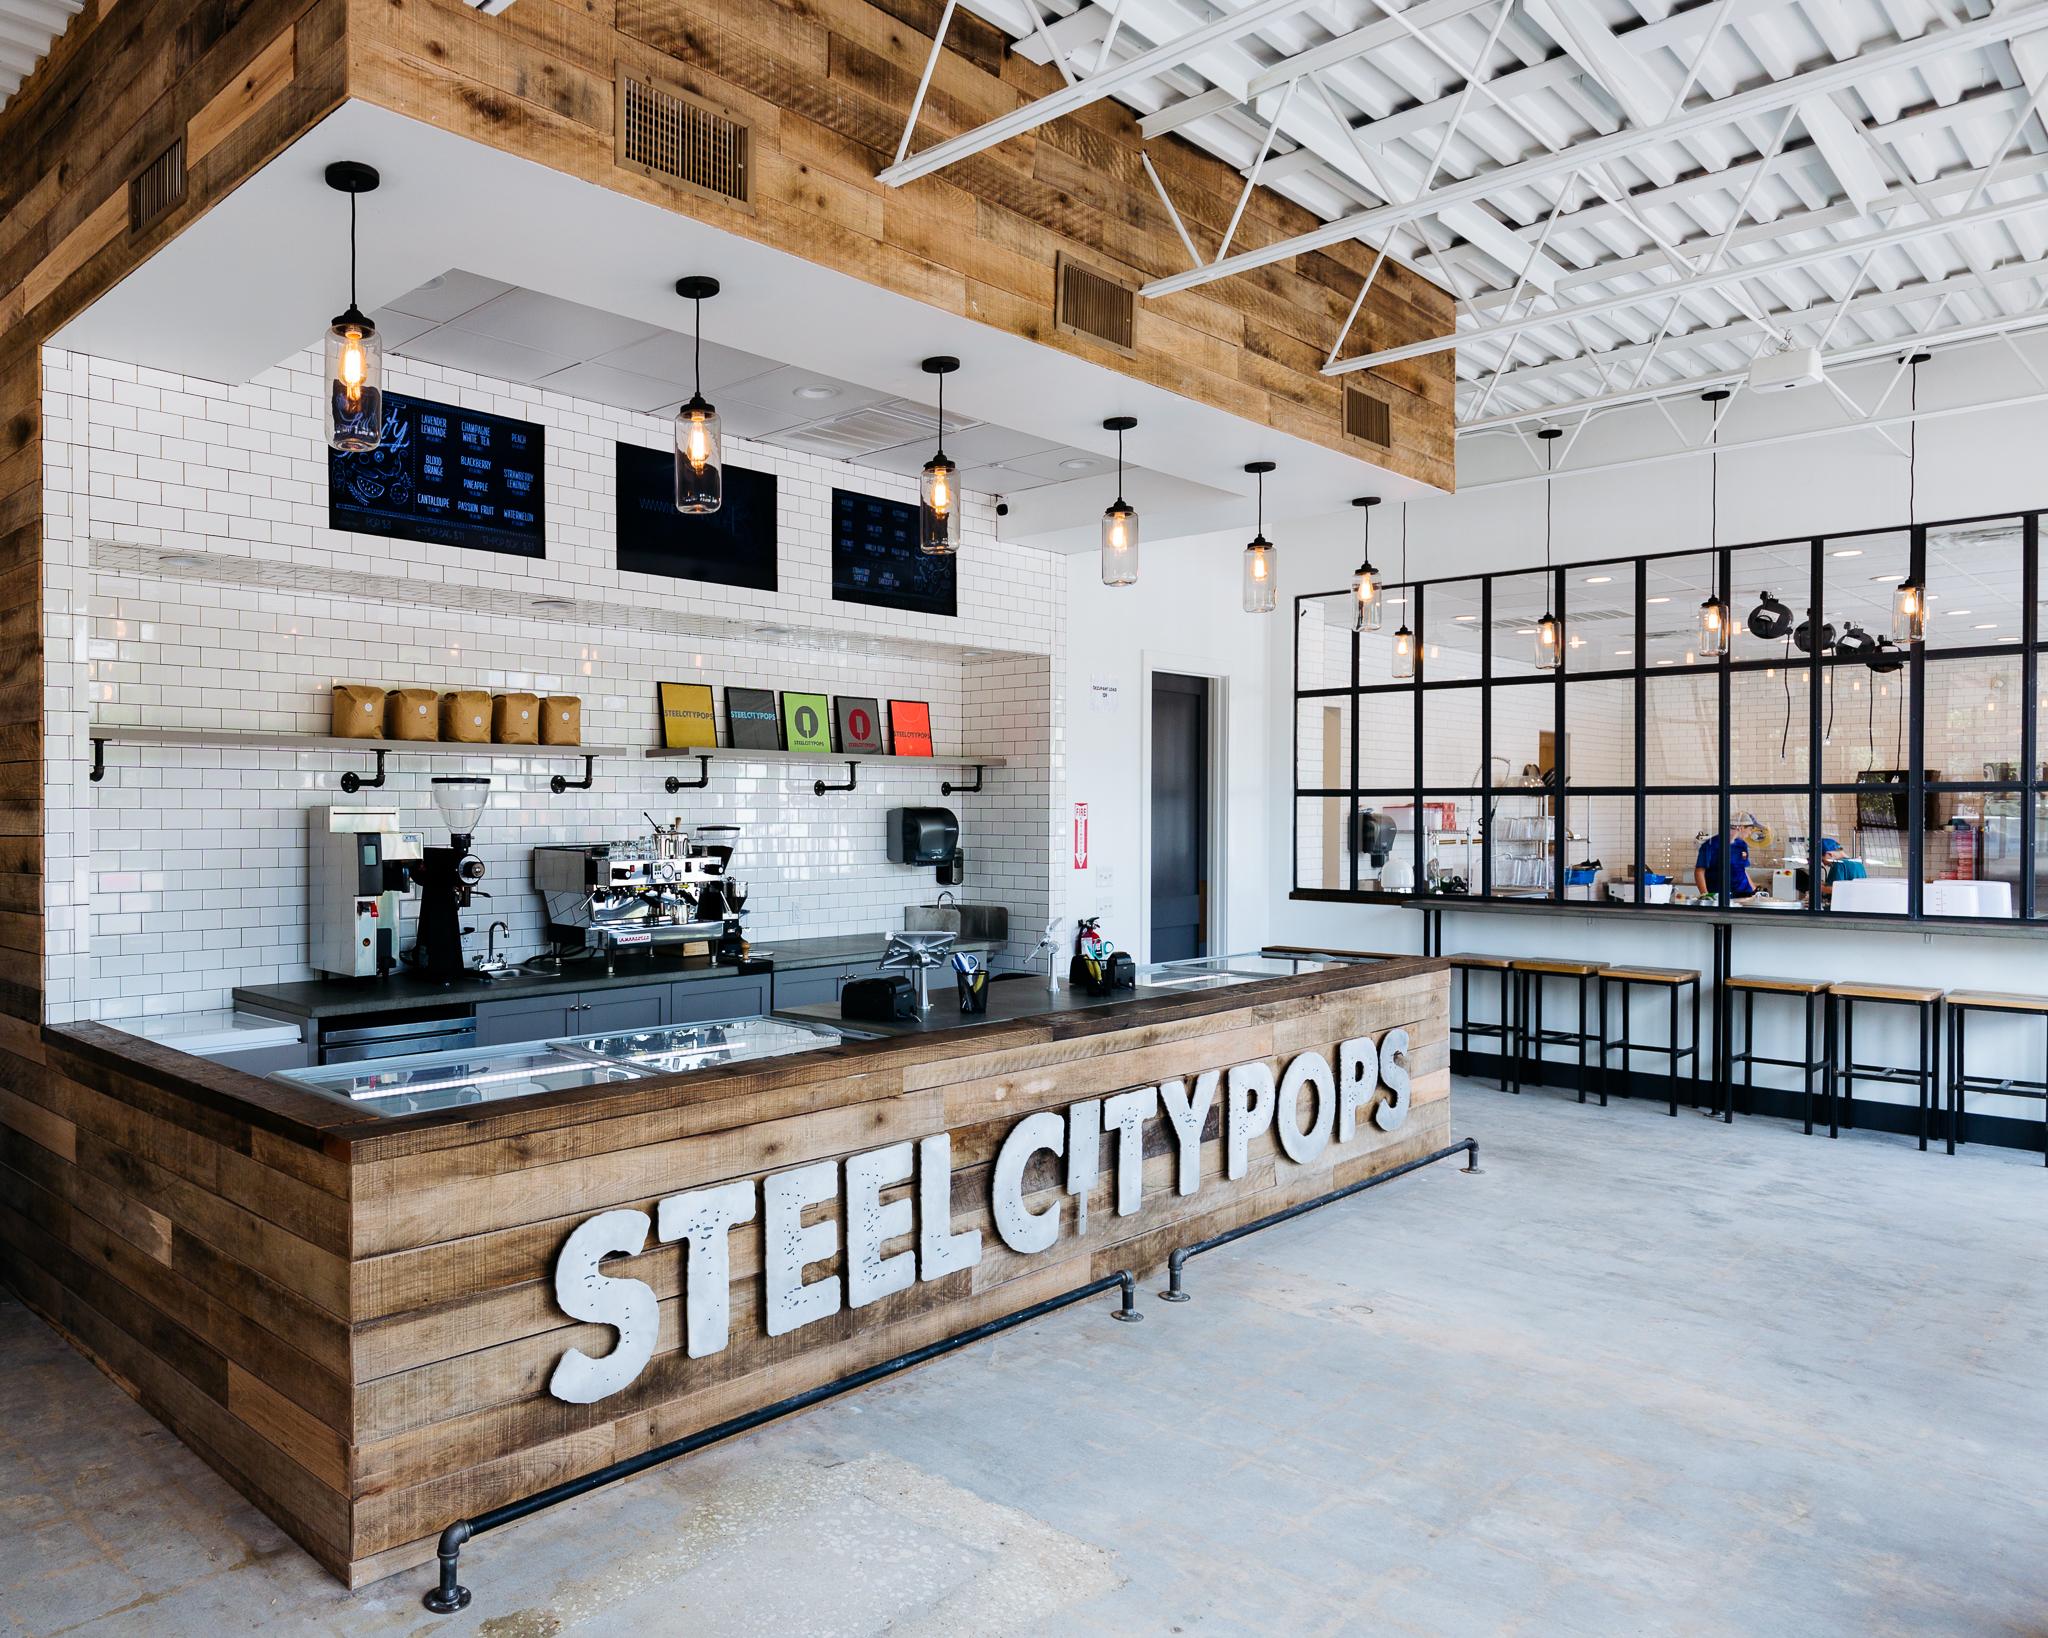 SteelCityPops Houston (by Jeff Parkes)-13.jpg